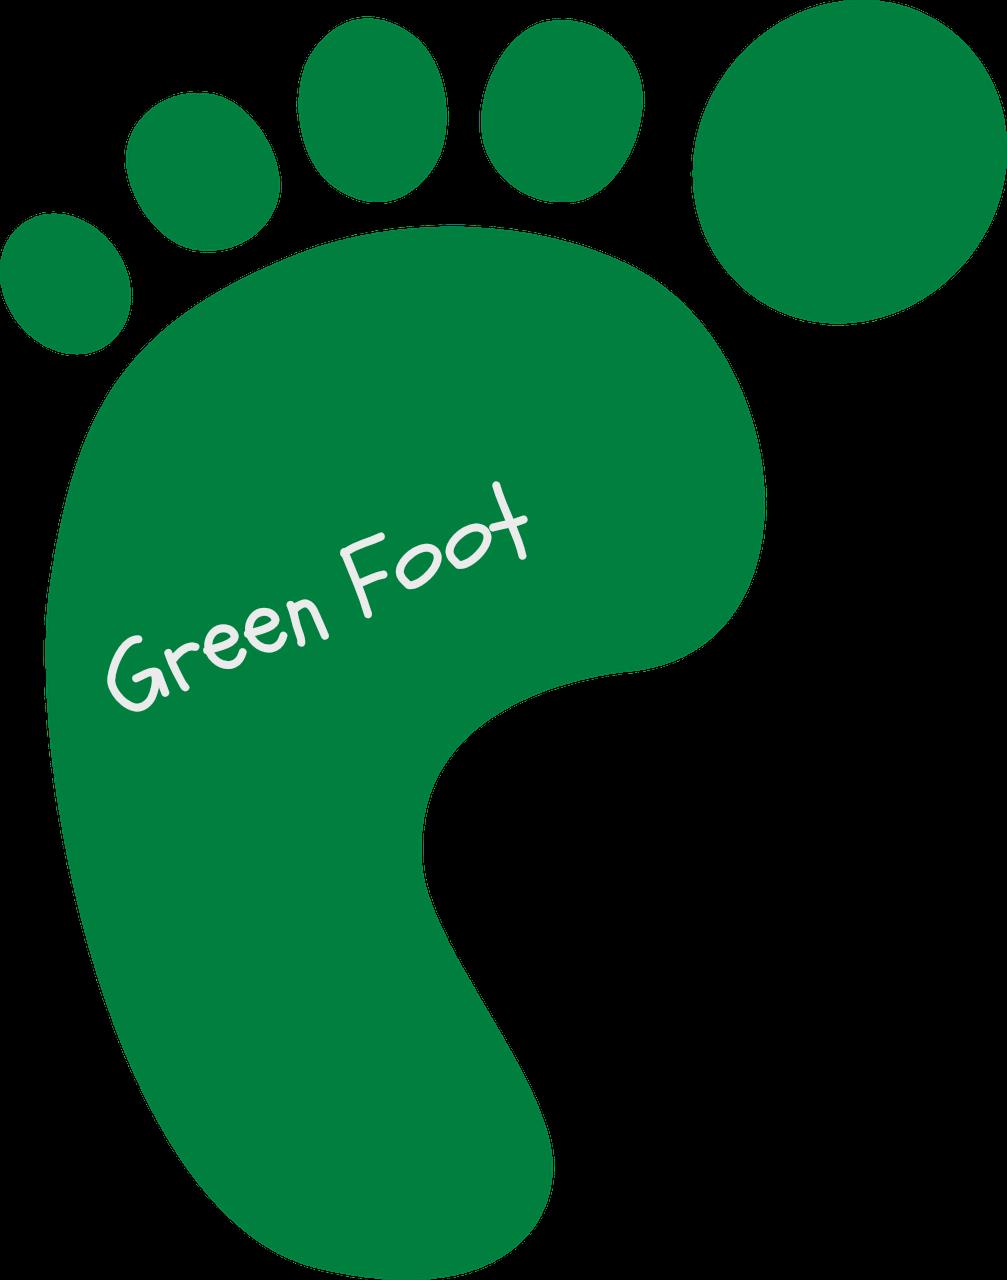 feet clipart clean foot